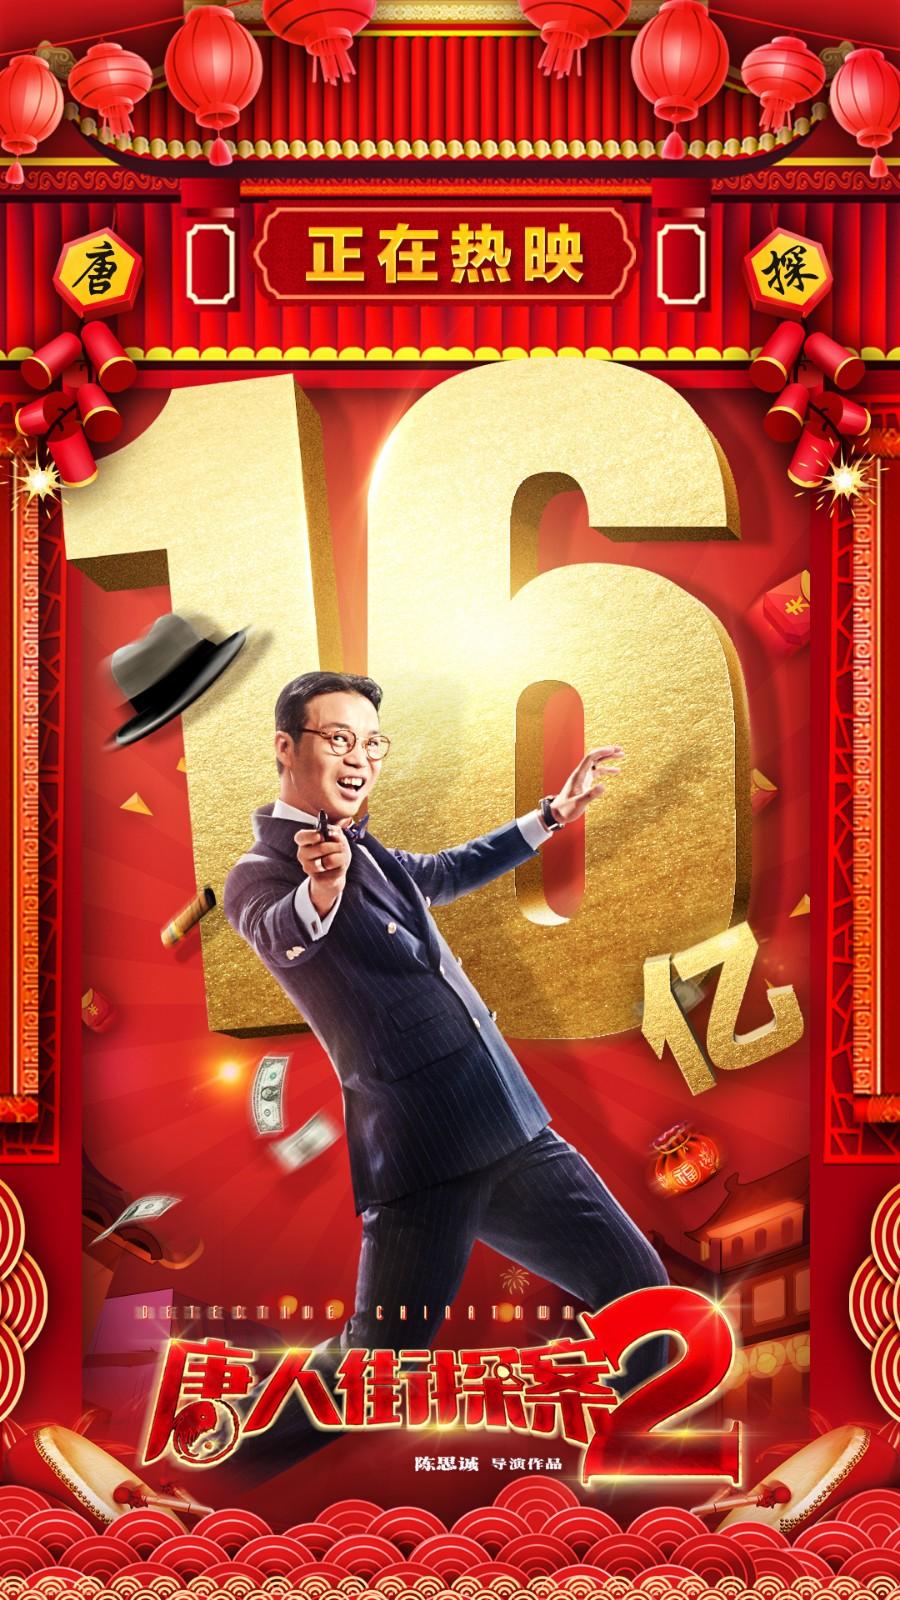 """《唐探2》破16亿领跑春节档 徐峥赞""""用两部电影打造一个全新IP"""""""